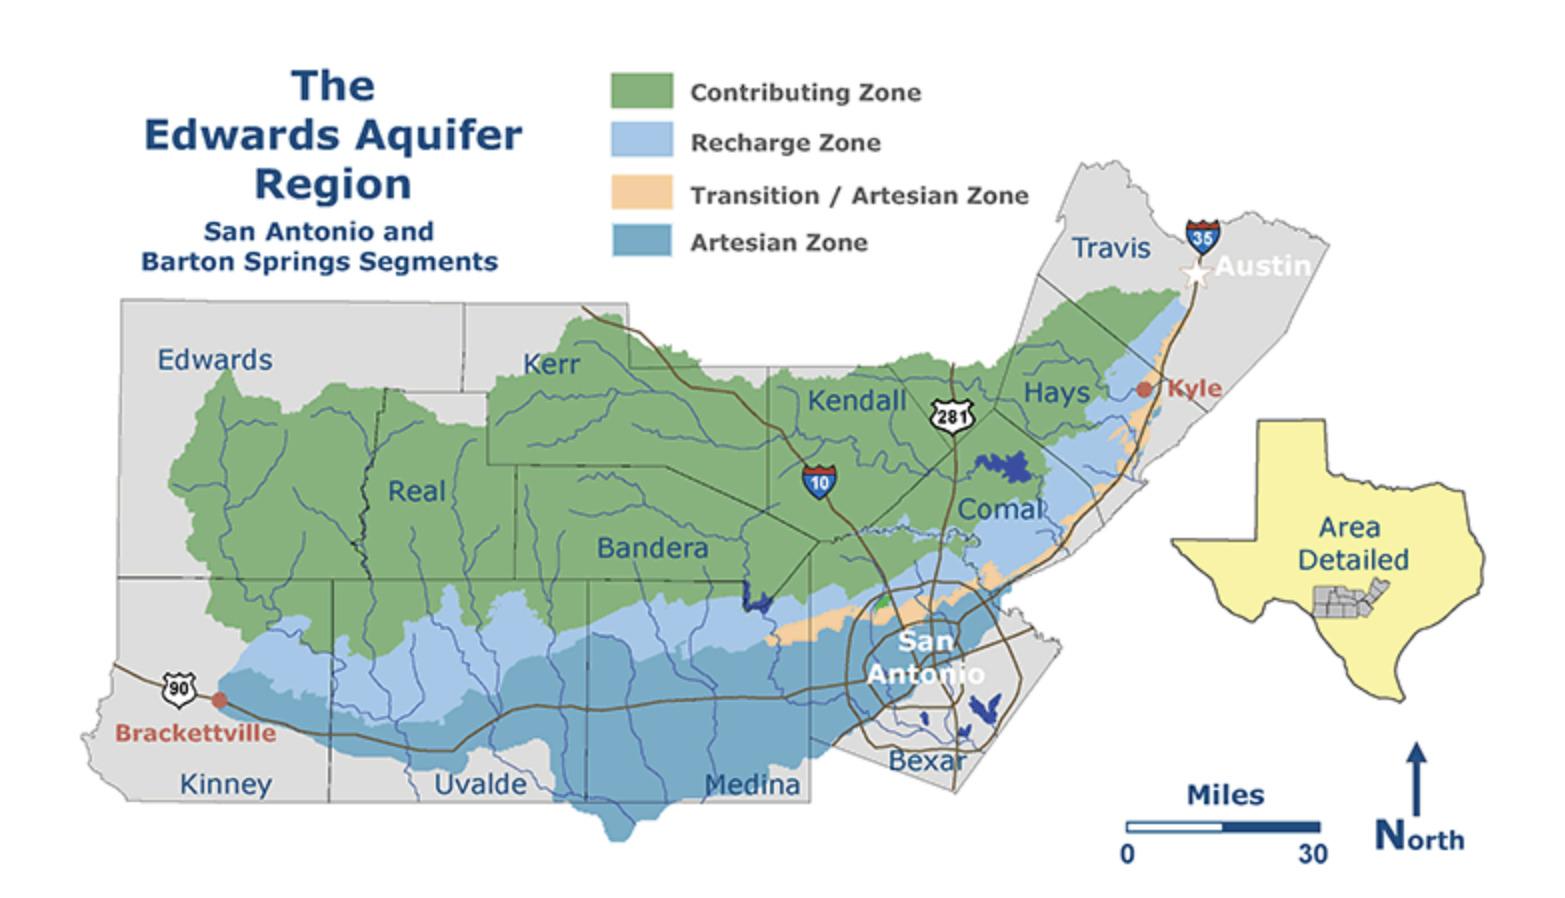 The Edwards Aquifer Region